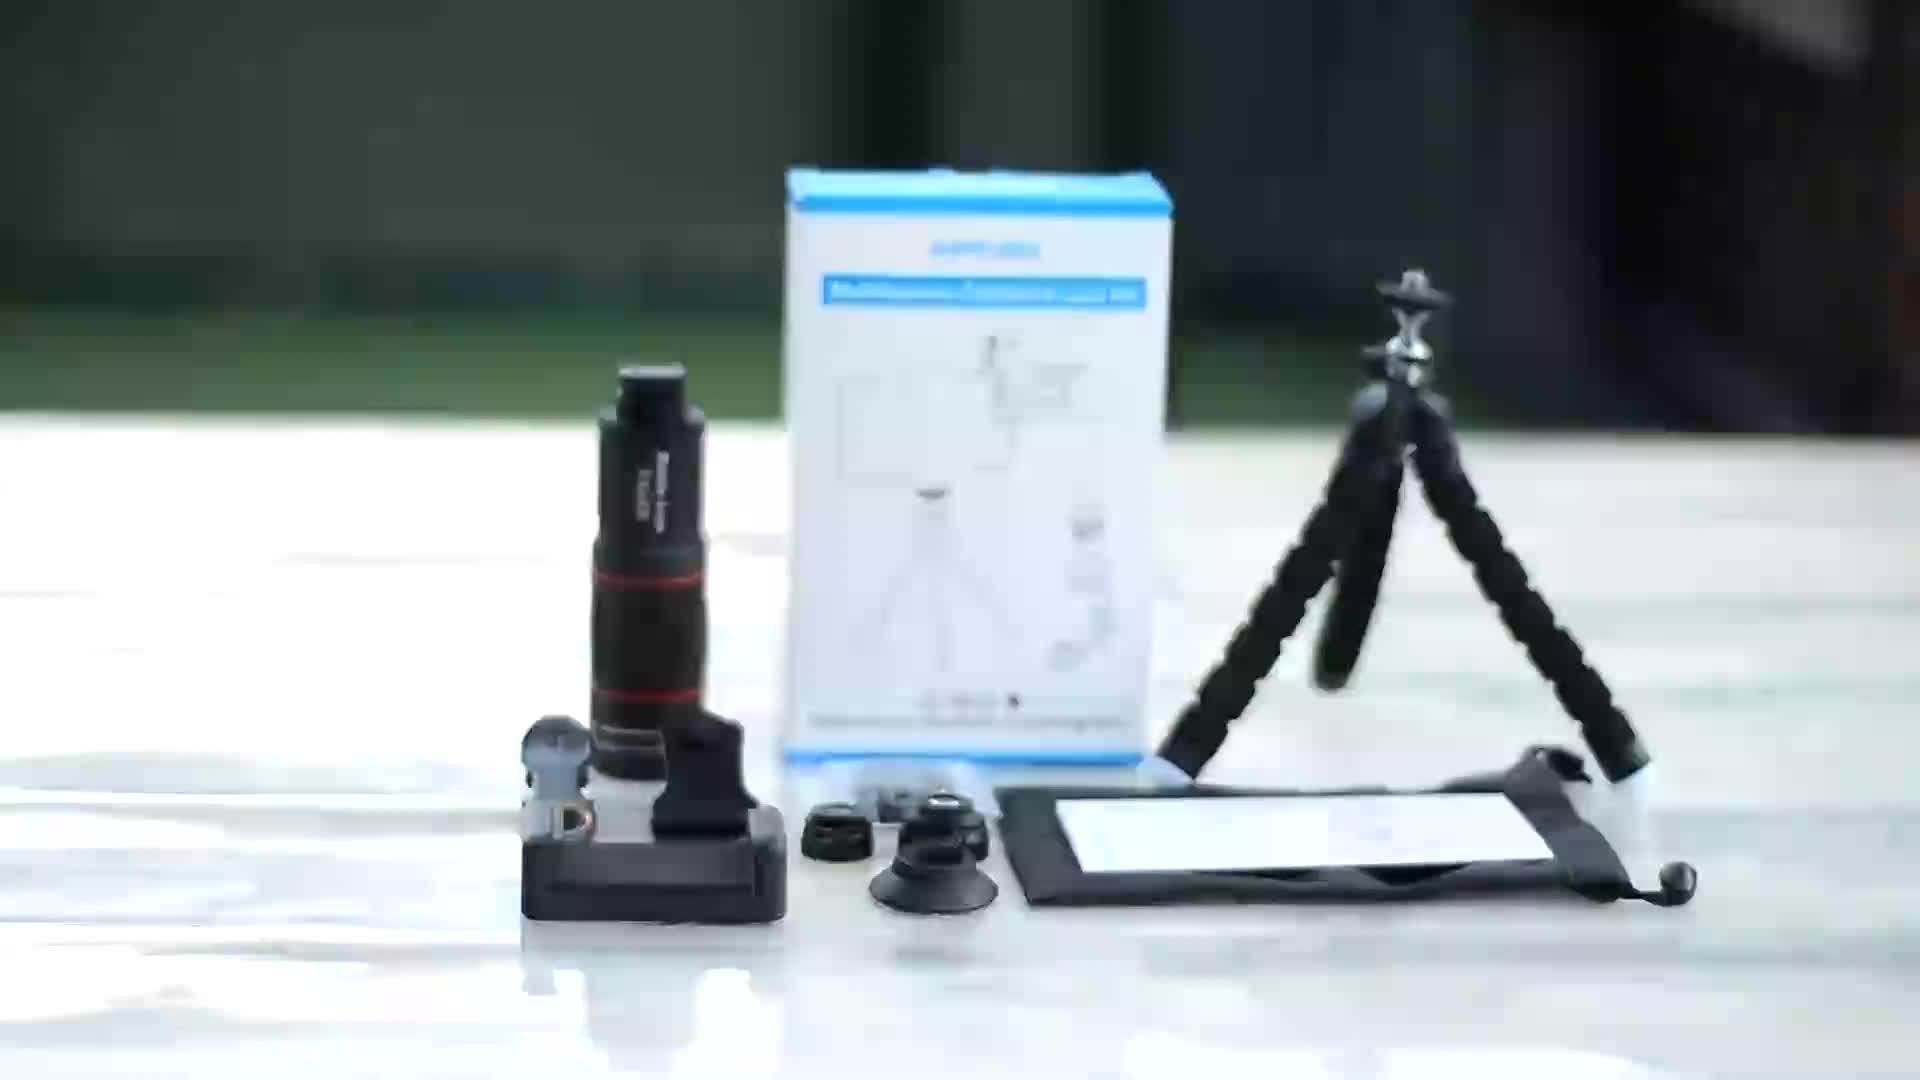 Mua sắm trực tuyến usa best người bán di động ống kính quang học phổ 18x kính thiên văn fisheye 4in1 lens kit